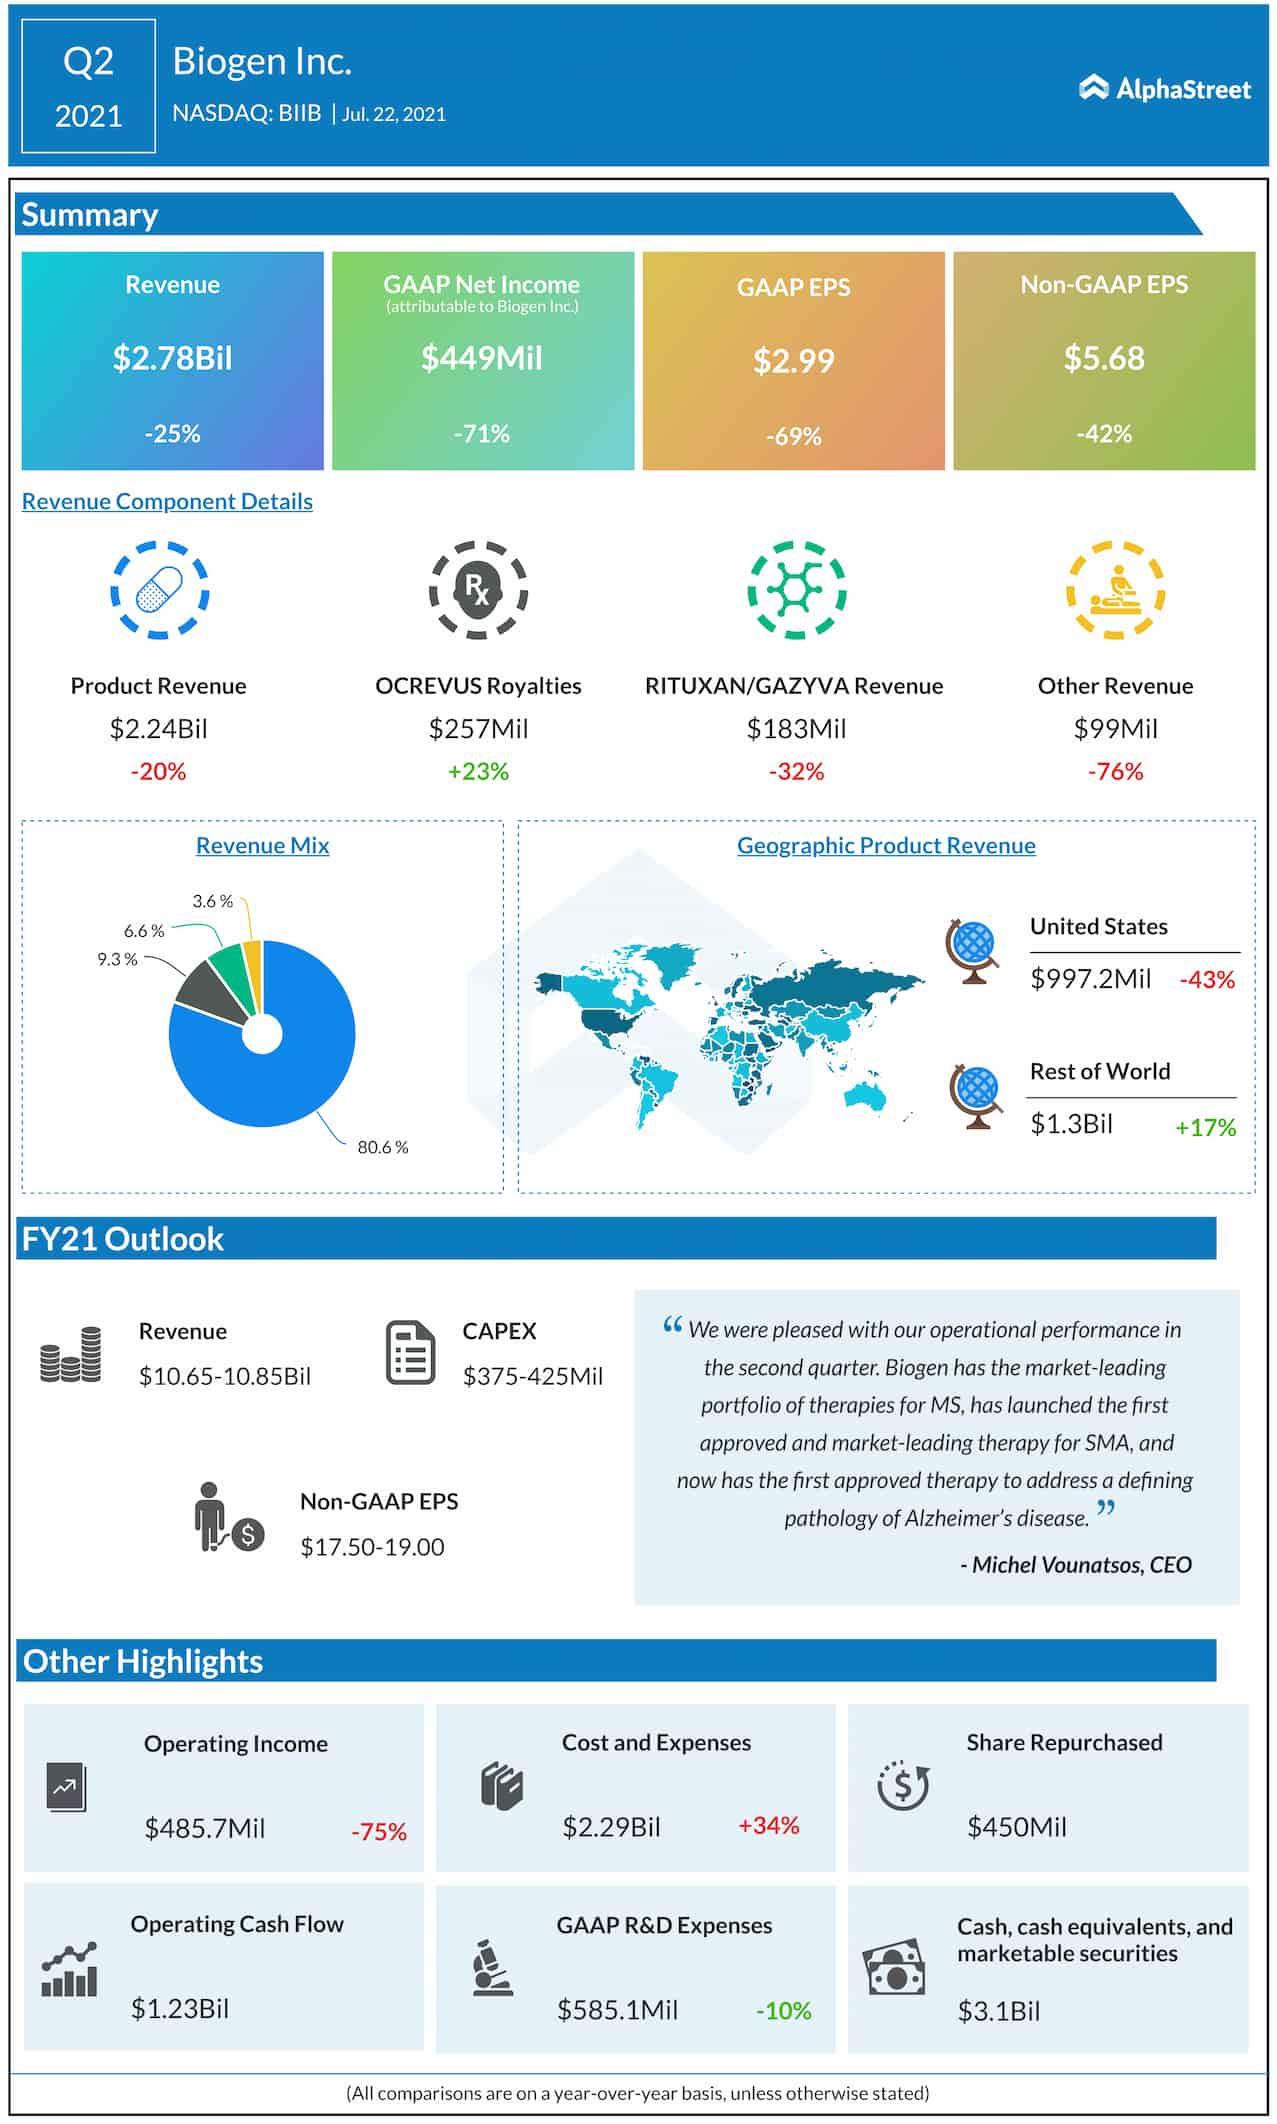 Biogen Q2 2021 earnings infographic